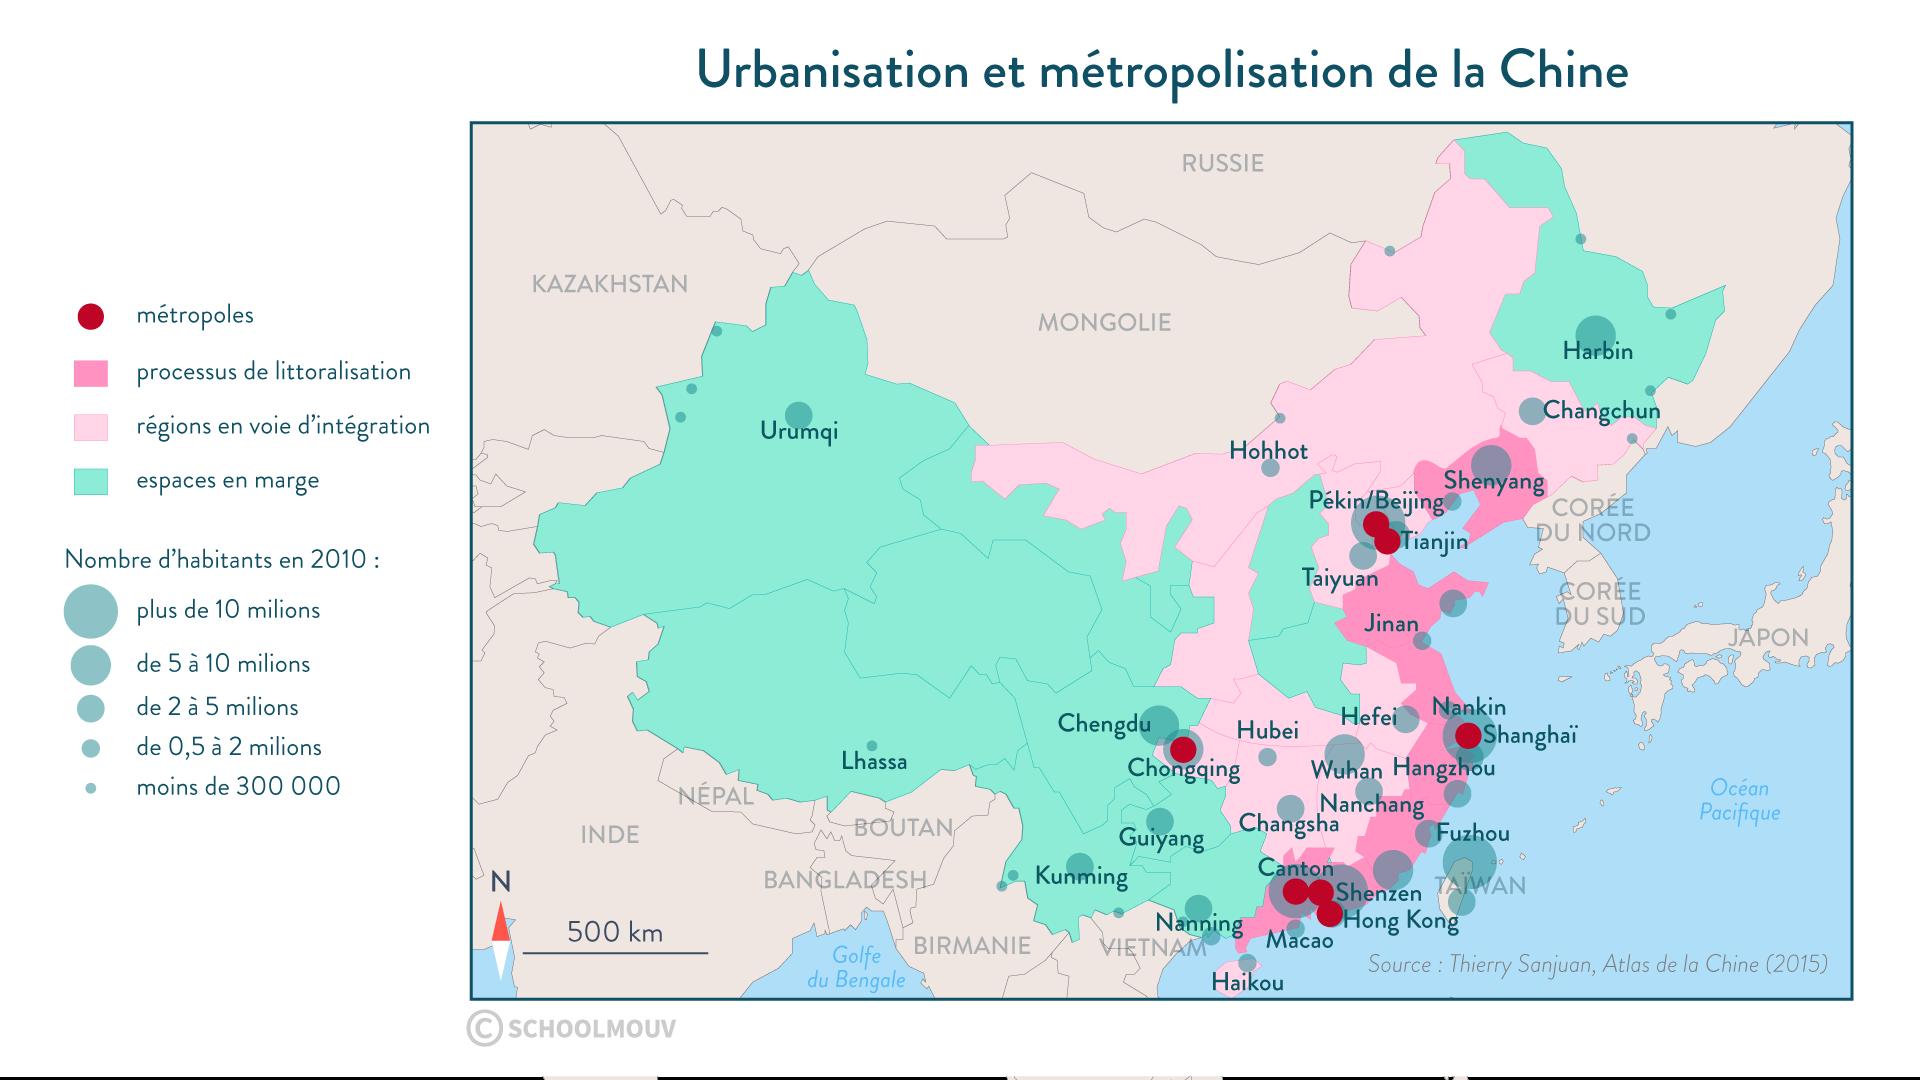 Urbanisation et métropolisation de la Chine - SchoolMouv - géographie - 1re